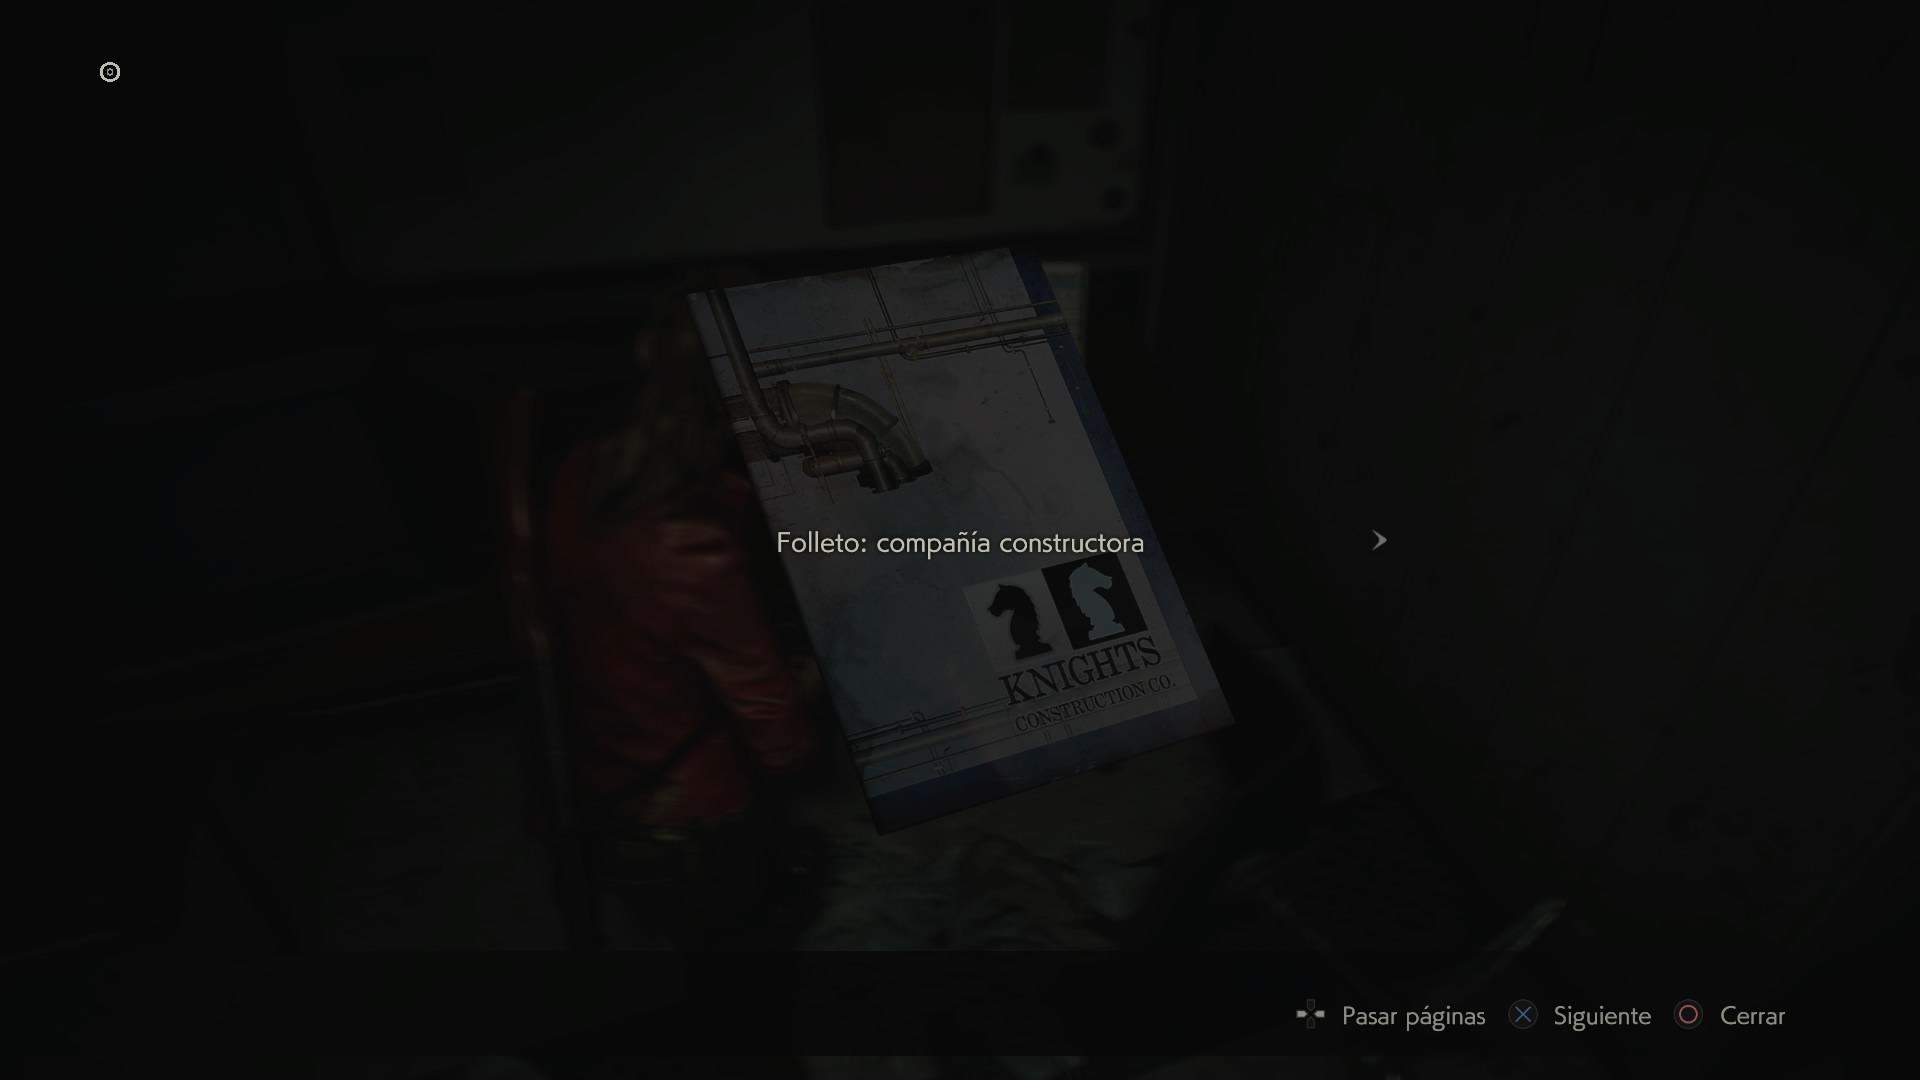 Folleto: compañía constructora